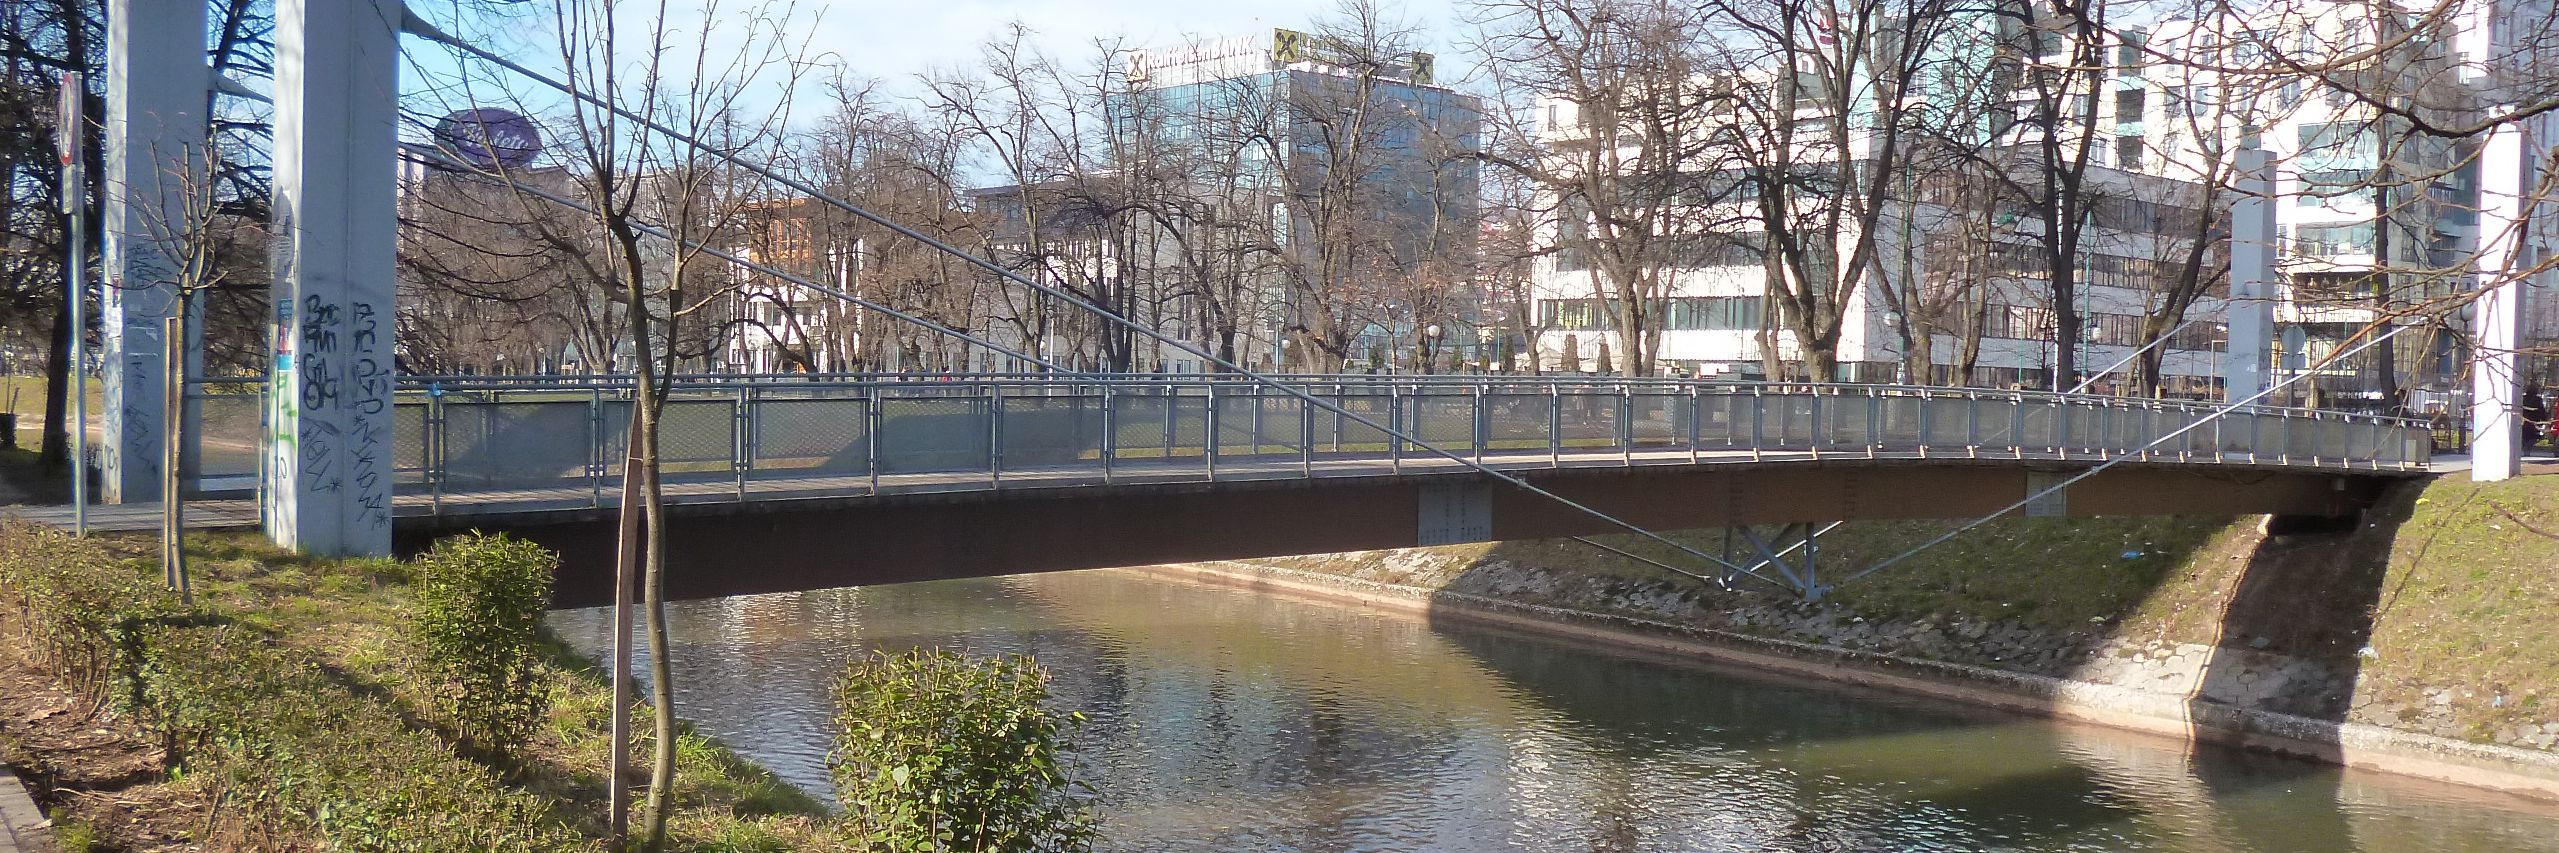 Мост Ars Aevi